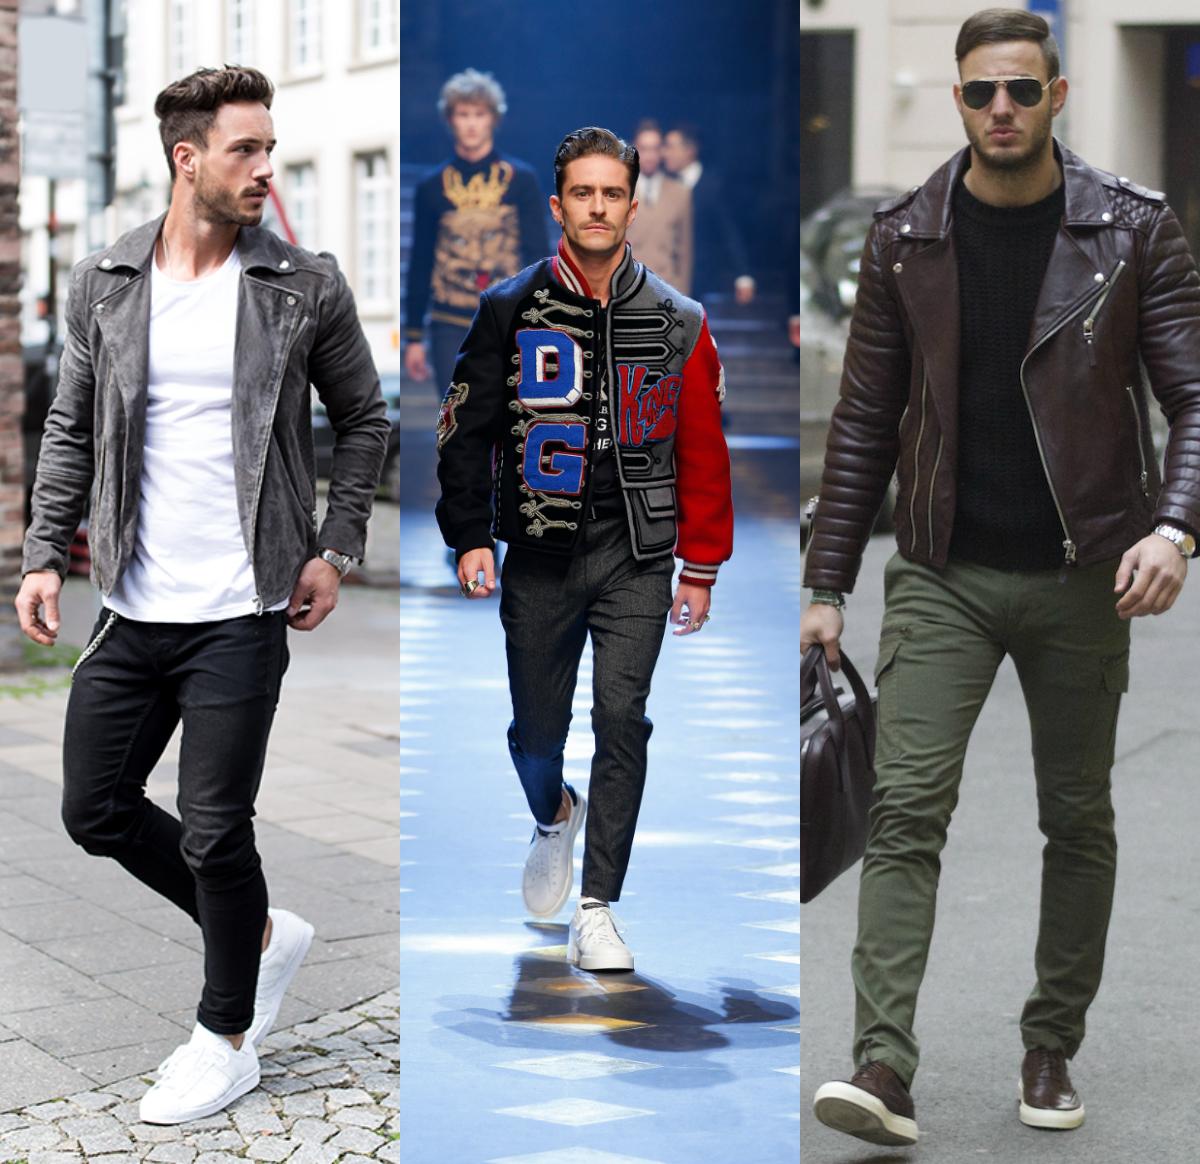 58b1e09b0d015 Moda y estilo para hombres  Instagram - Renato Romanov